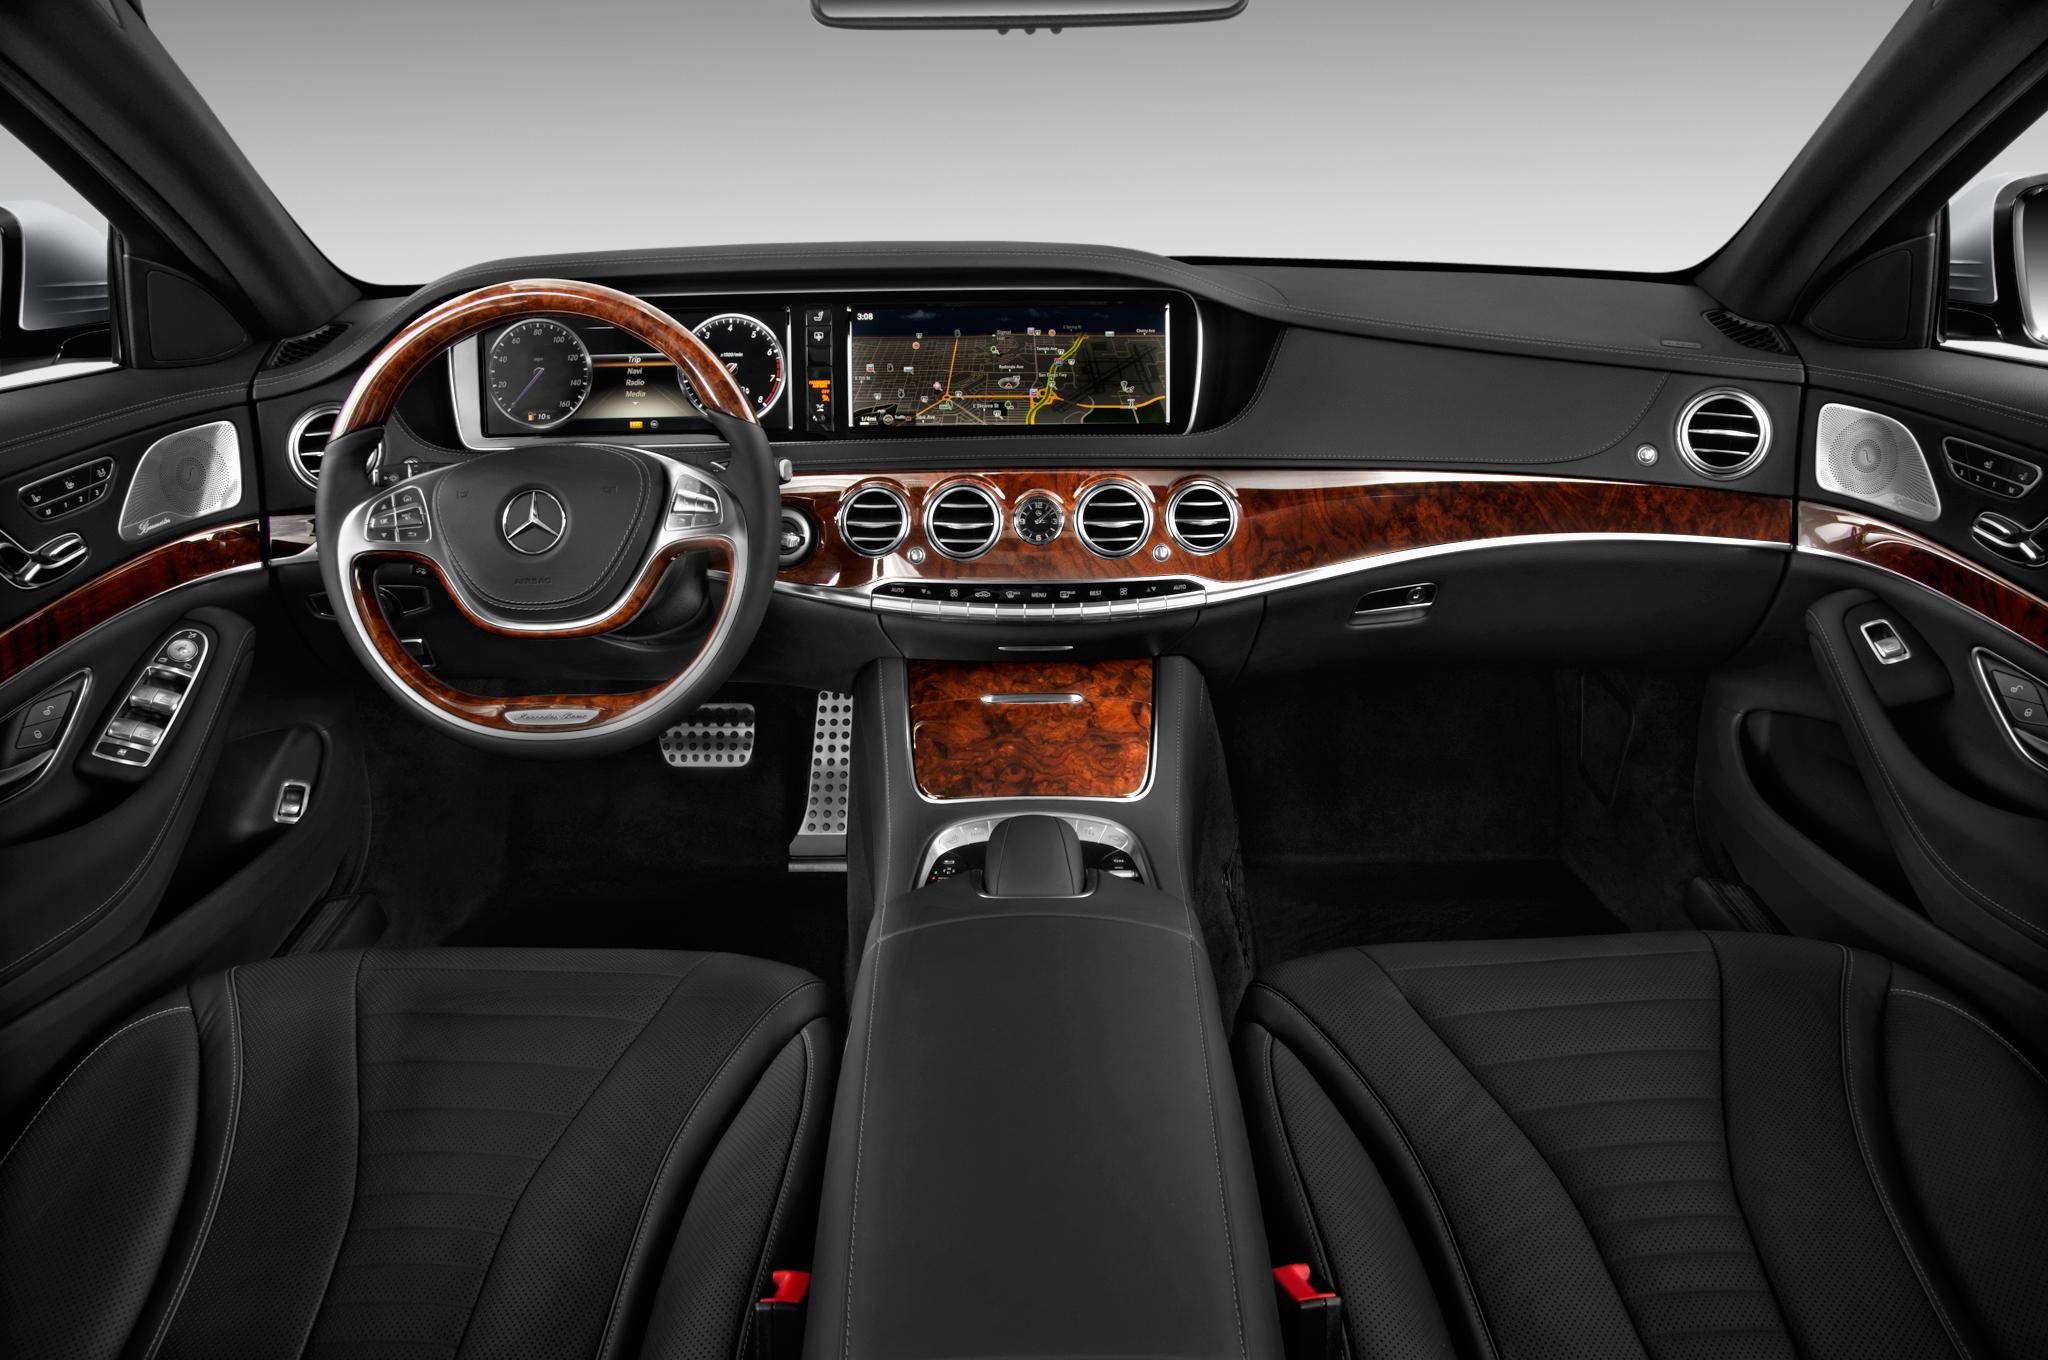 2017 mercedes benz s class s550 interior photos msn autos